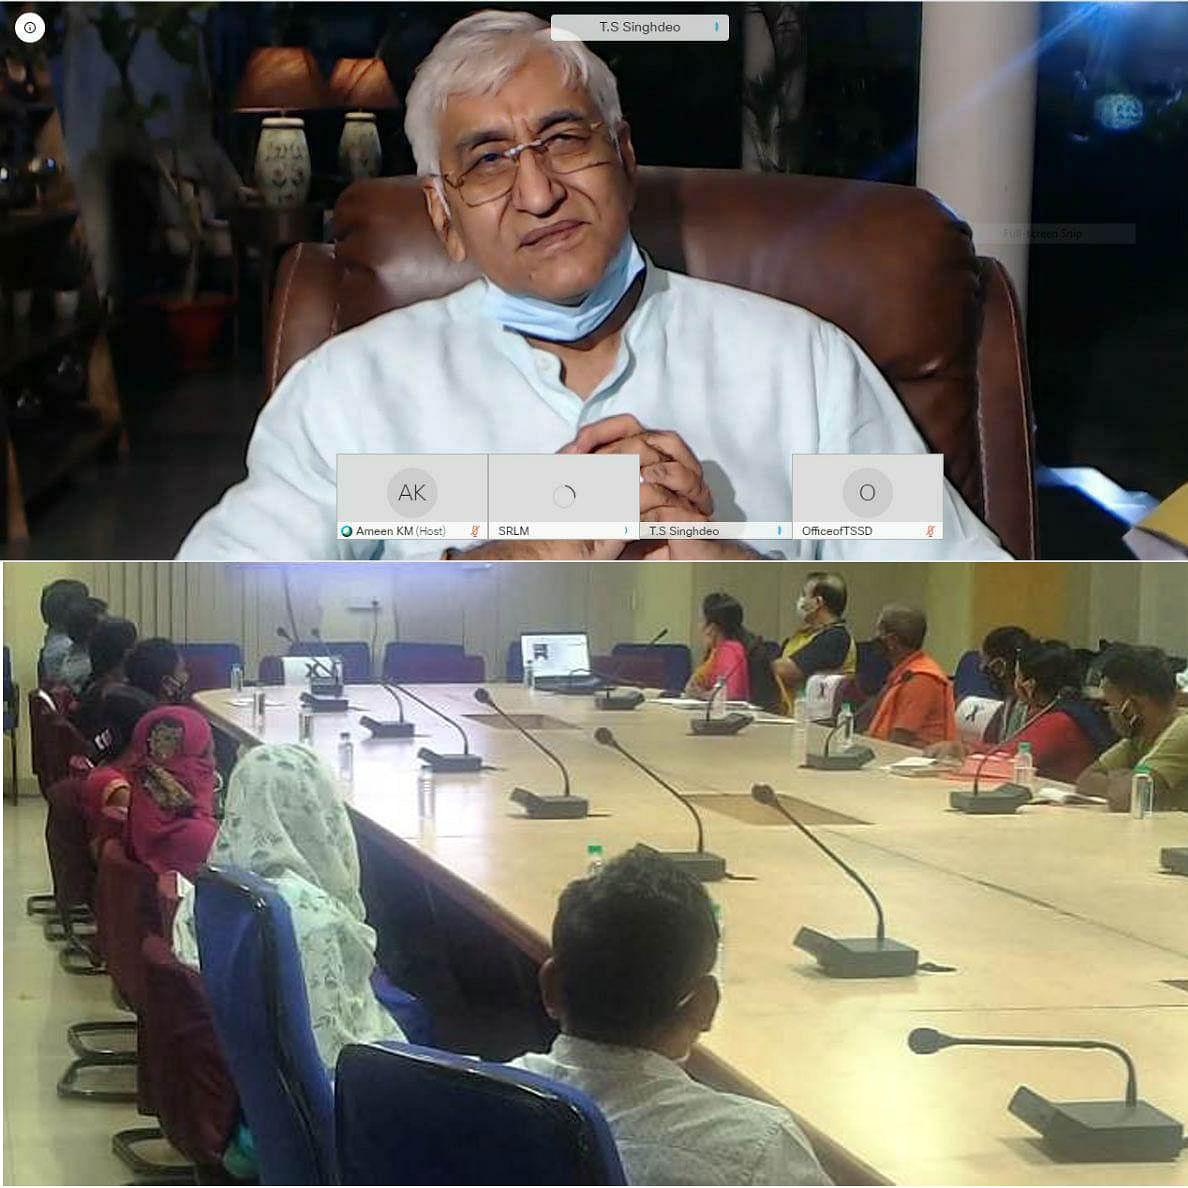 रायपुर : मंत्री सिंहदेव ने गौठानों के अध्ययन भ्रमण पर आए दल से की चर्चा